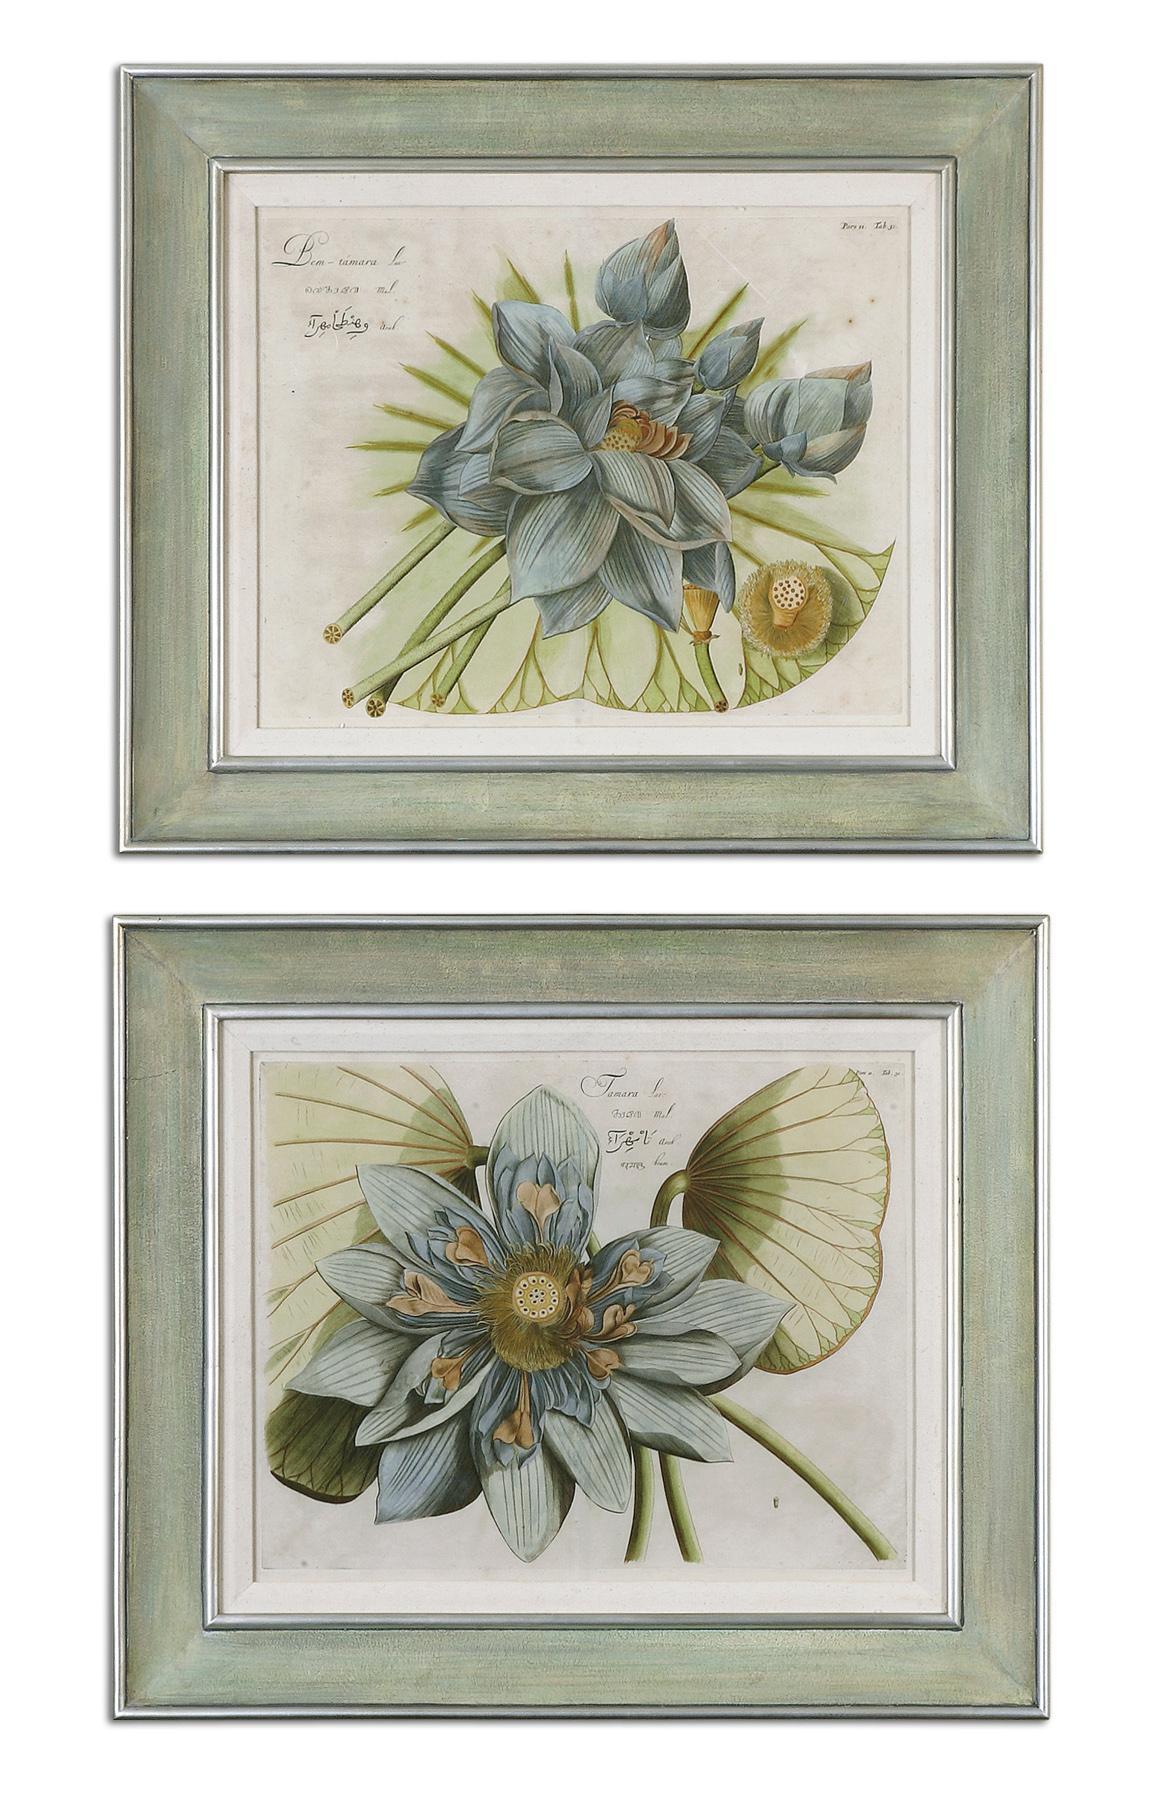 Uttermost Art Blue Lotus Flower Set of 2 - Item Number: 41325